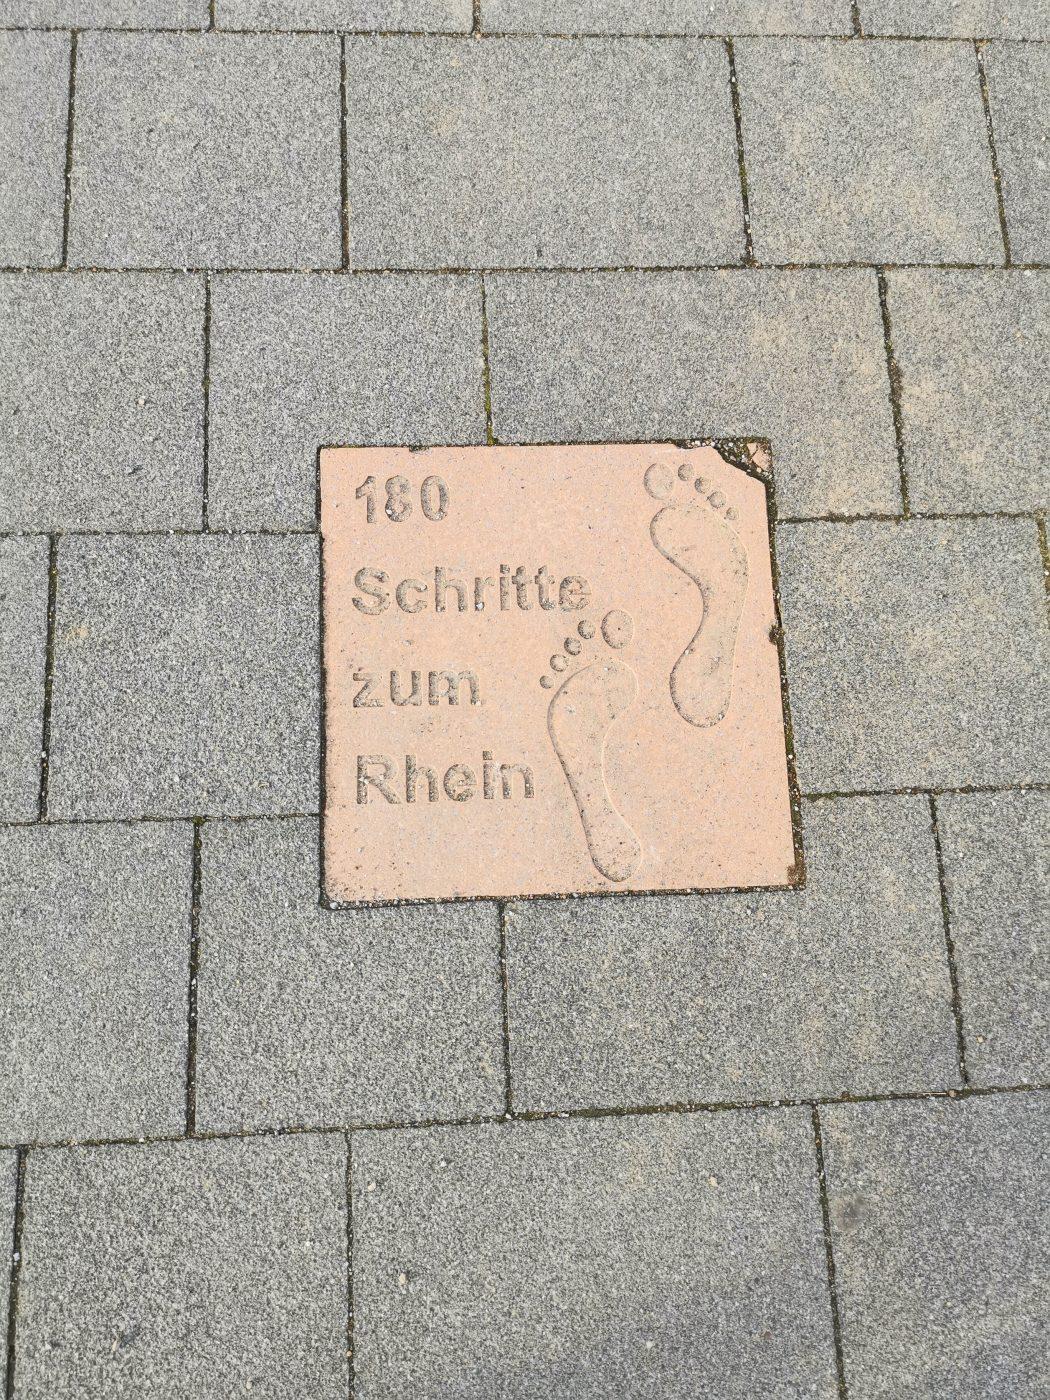 Das Bild zeigt einen Wegweise im Rheinpark in Duisburg